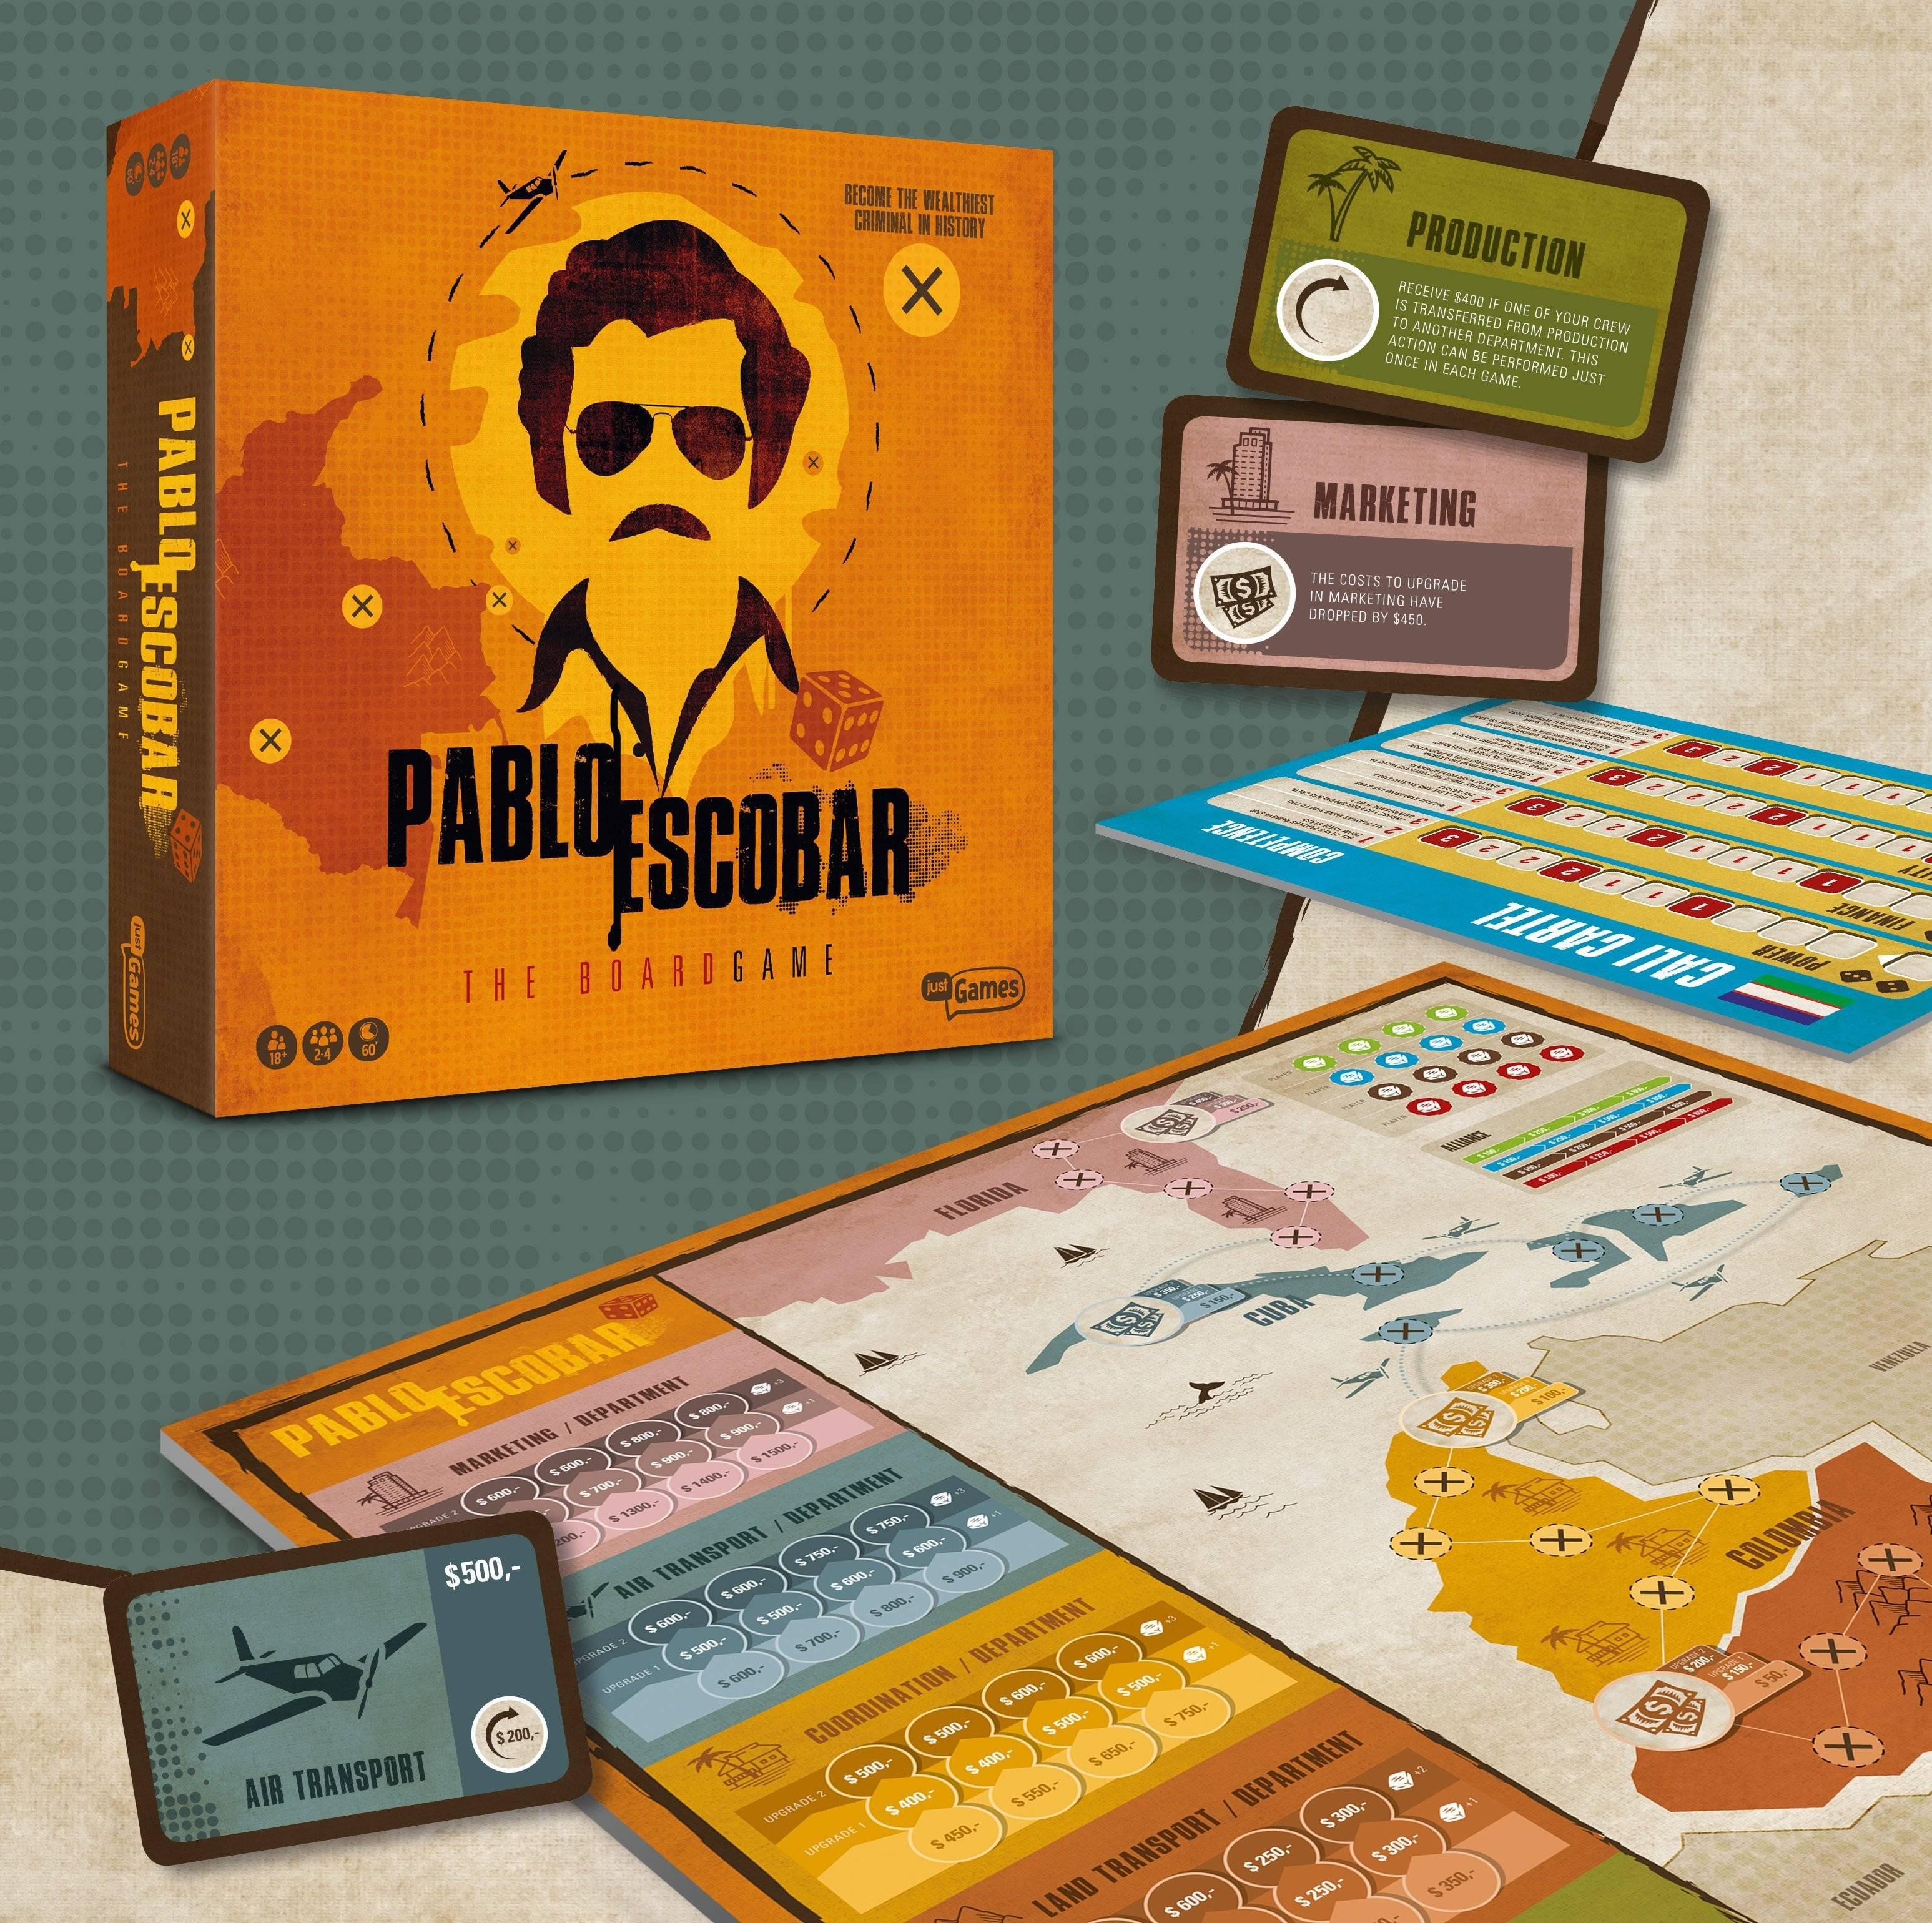 El lamentable juego de mesa de Pablo Escobar que se ganó las críticas de los colombianos